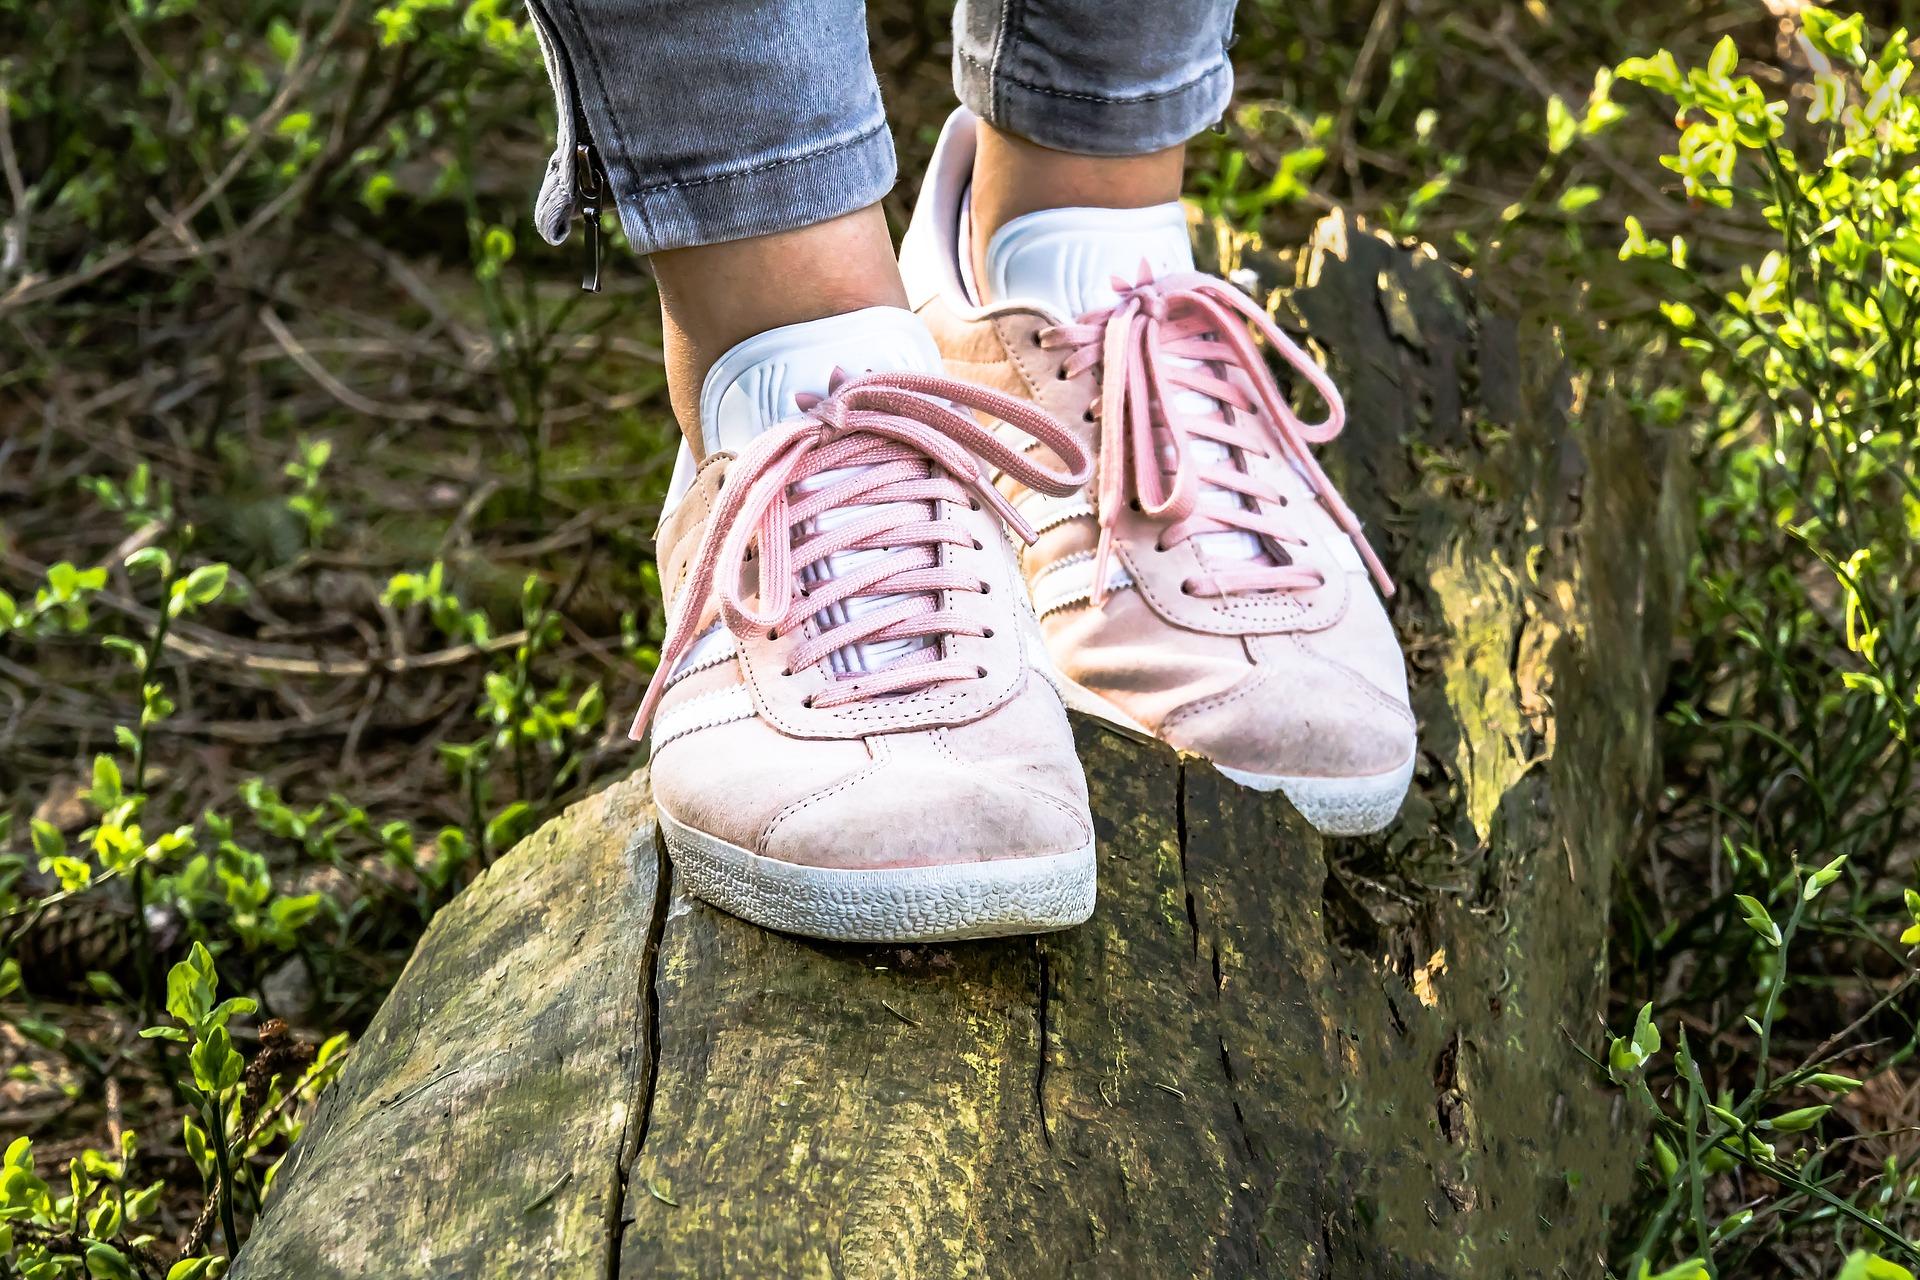 Buty zdrowotne dla każdego